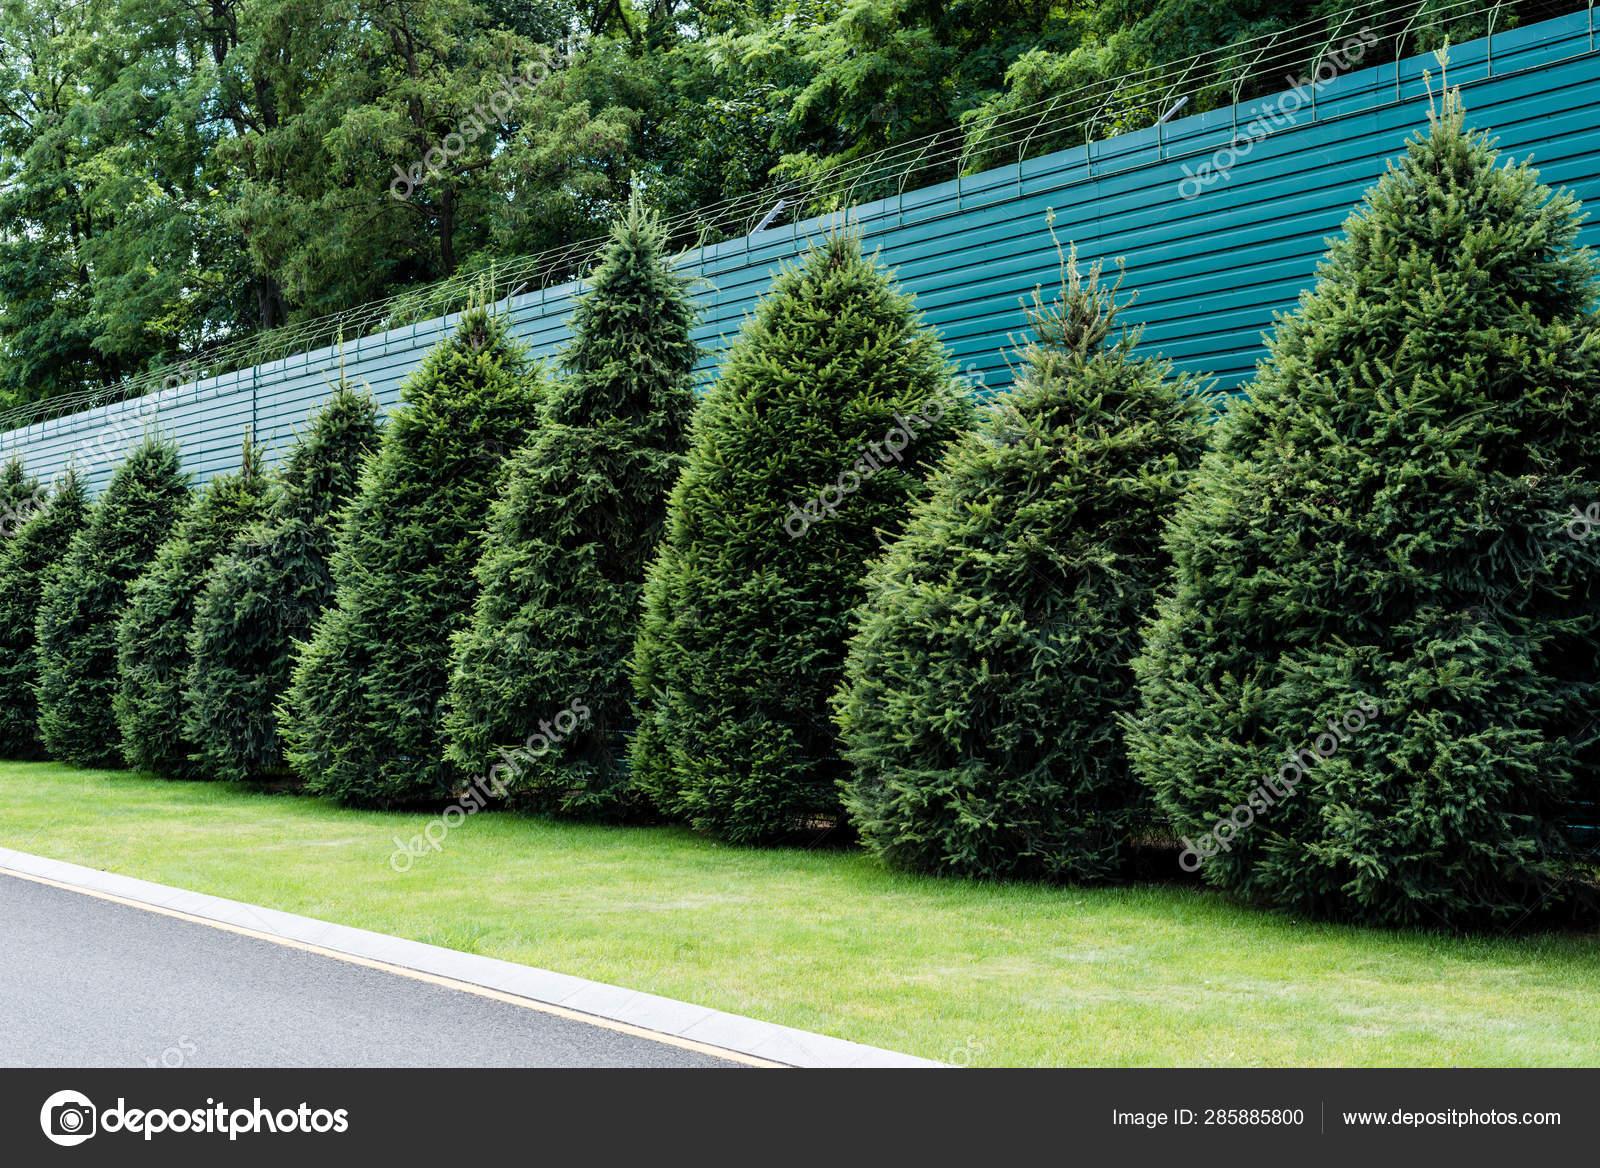 Staccionata Bianca In Legno foto stock steccato, immagini steccato royalty-free